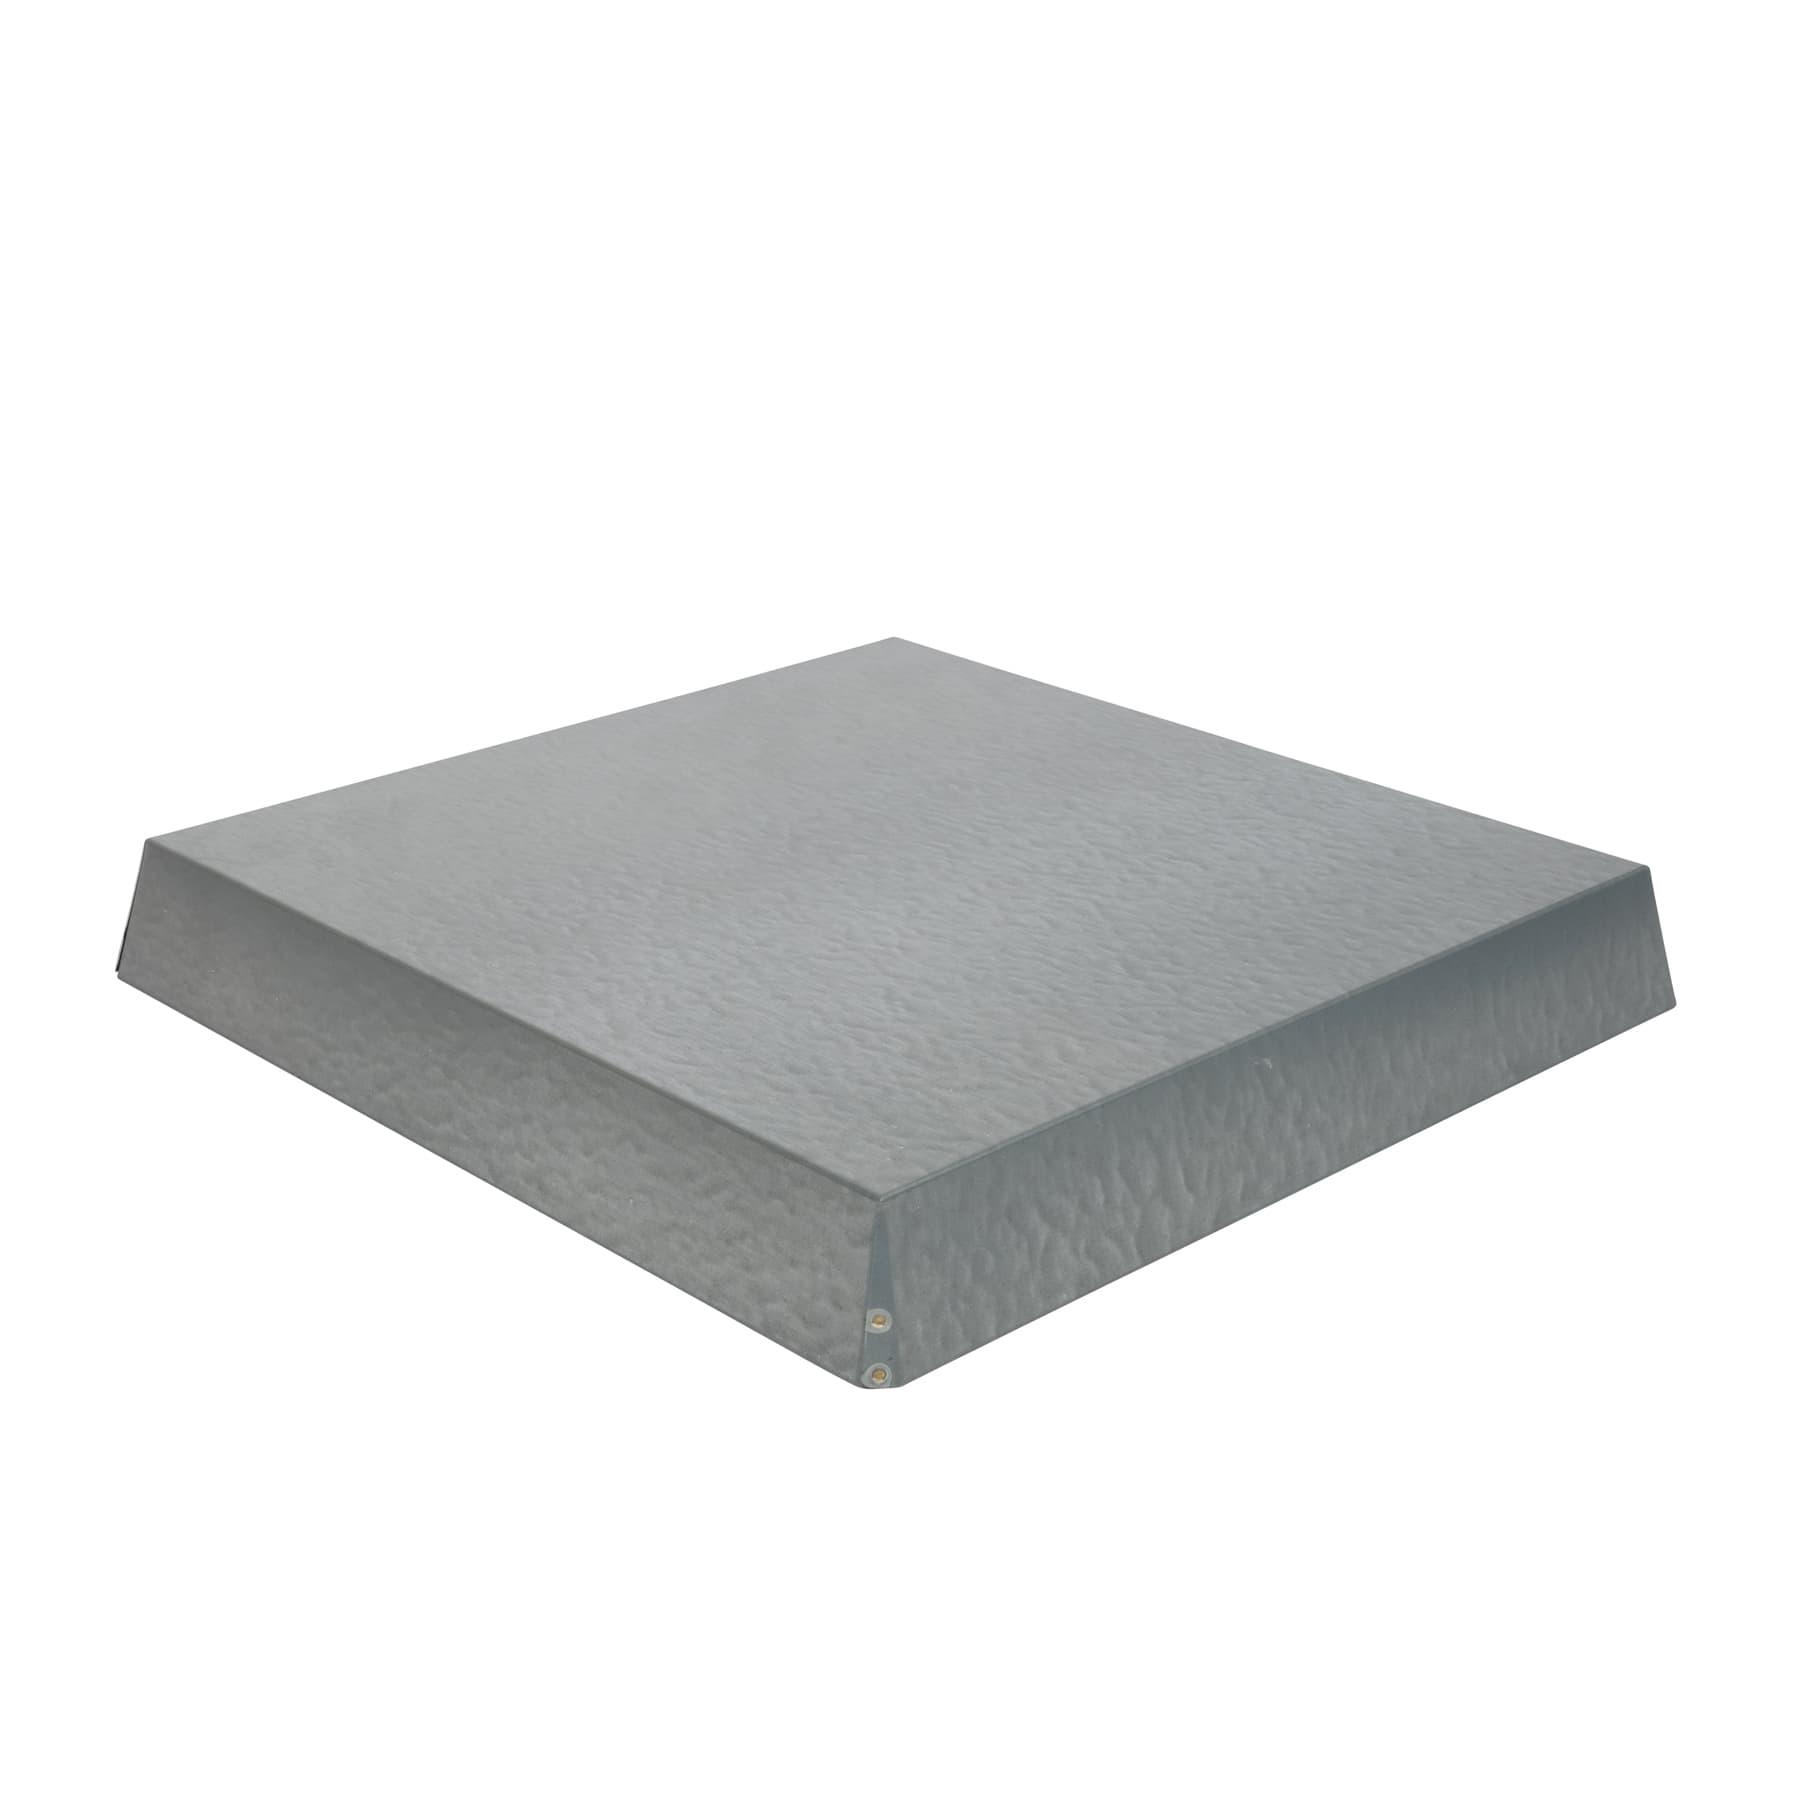 Blechdeckel, verzinkt konisch Innenmaß 450 x 448 x 65 mm für DN 11 Waben